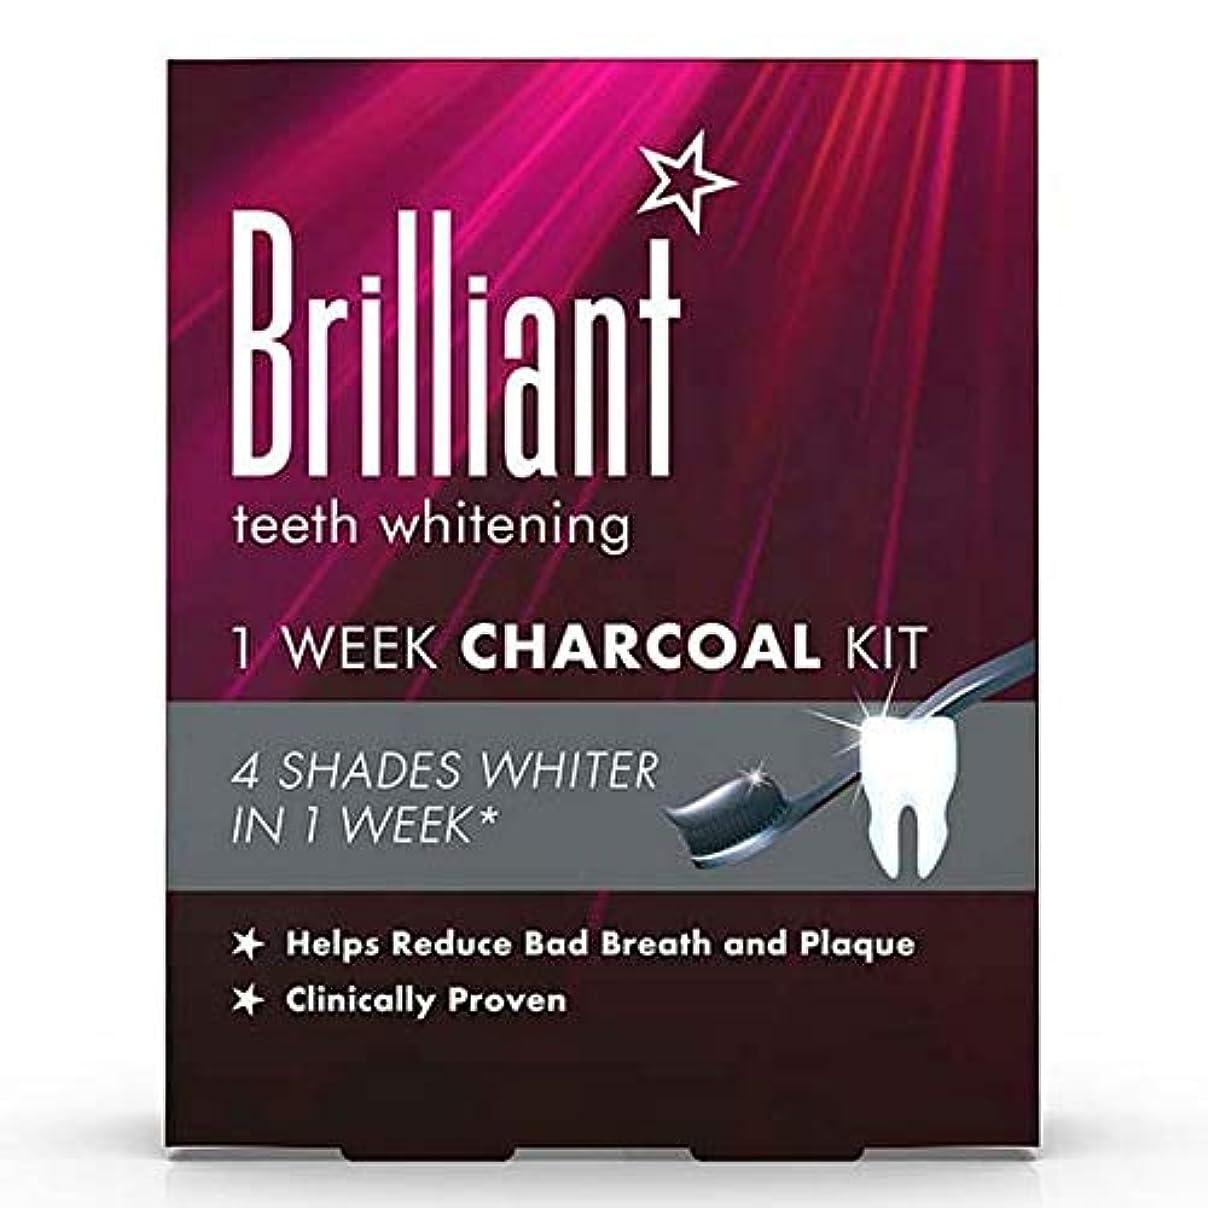 壊す関係する台無しに[Brilliant ] 華麗なホワイトニング1週間木炭キット - Brilliant Whitening 1 Week Charcoal Kit [並行輸入品]